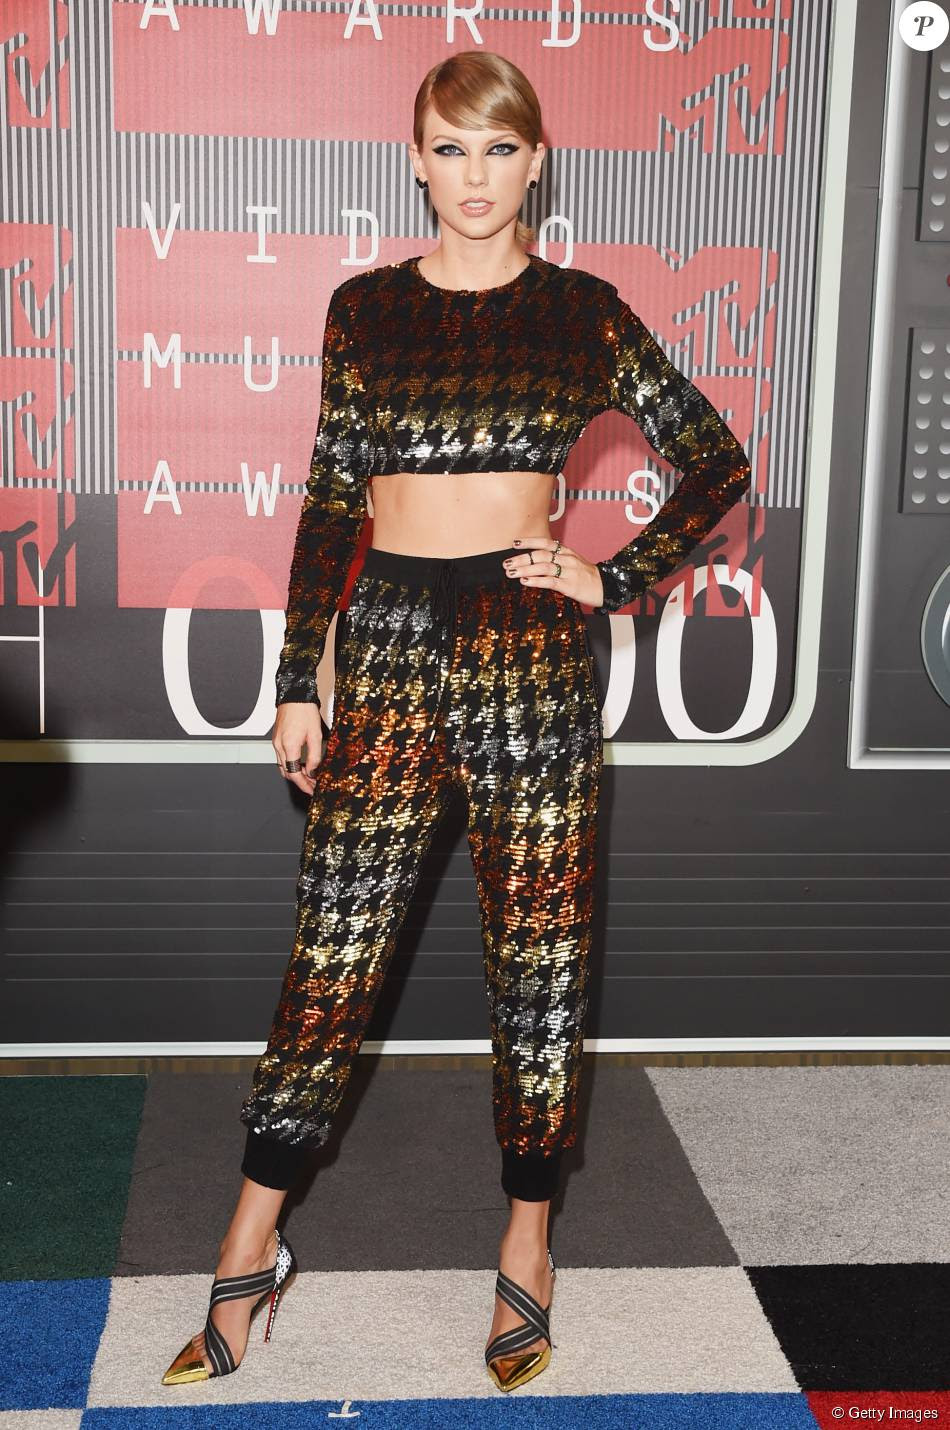 Taylor Swift escolheu conjunto de calça e top cropped com brilhos por Ashish para o VMA 2015, neste domingo, 30 de agosto de 2015